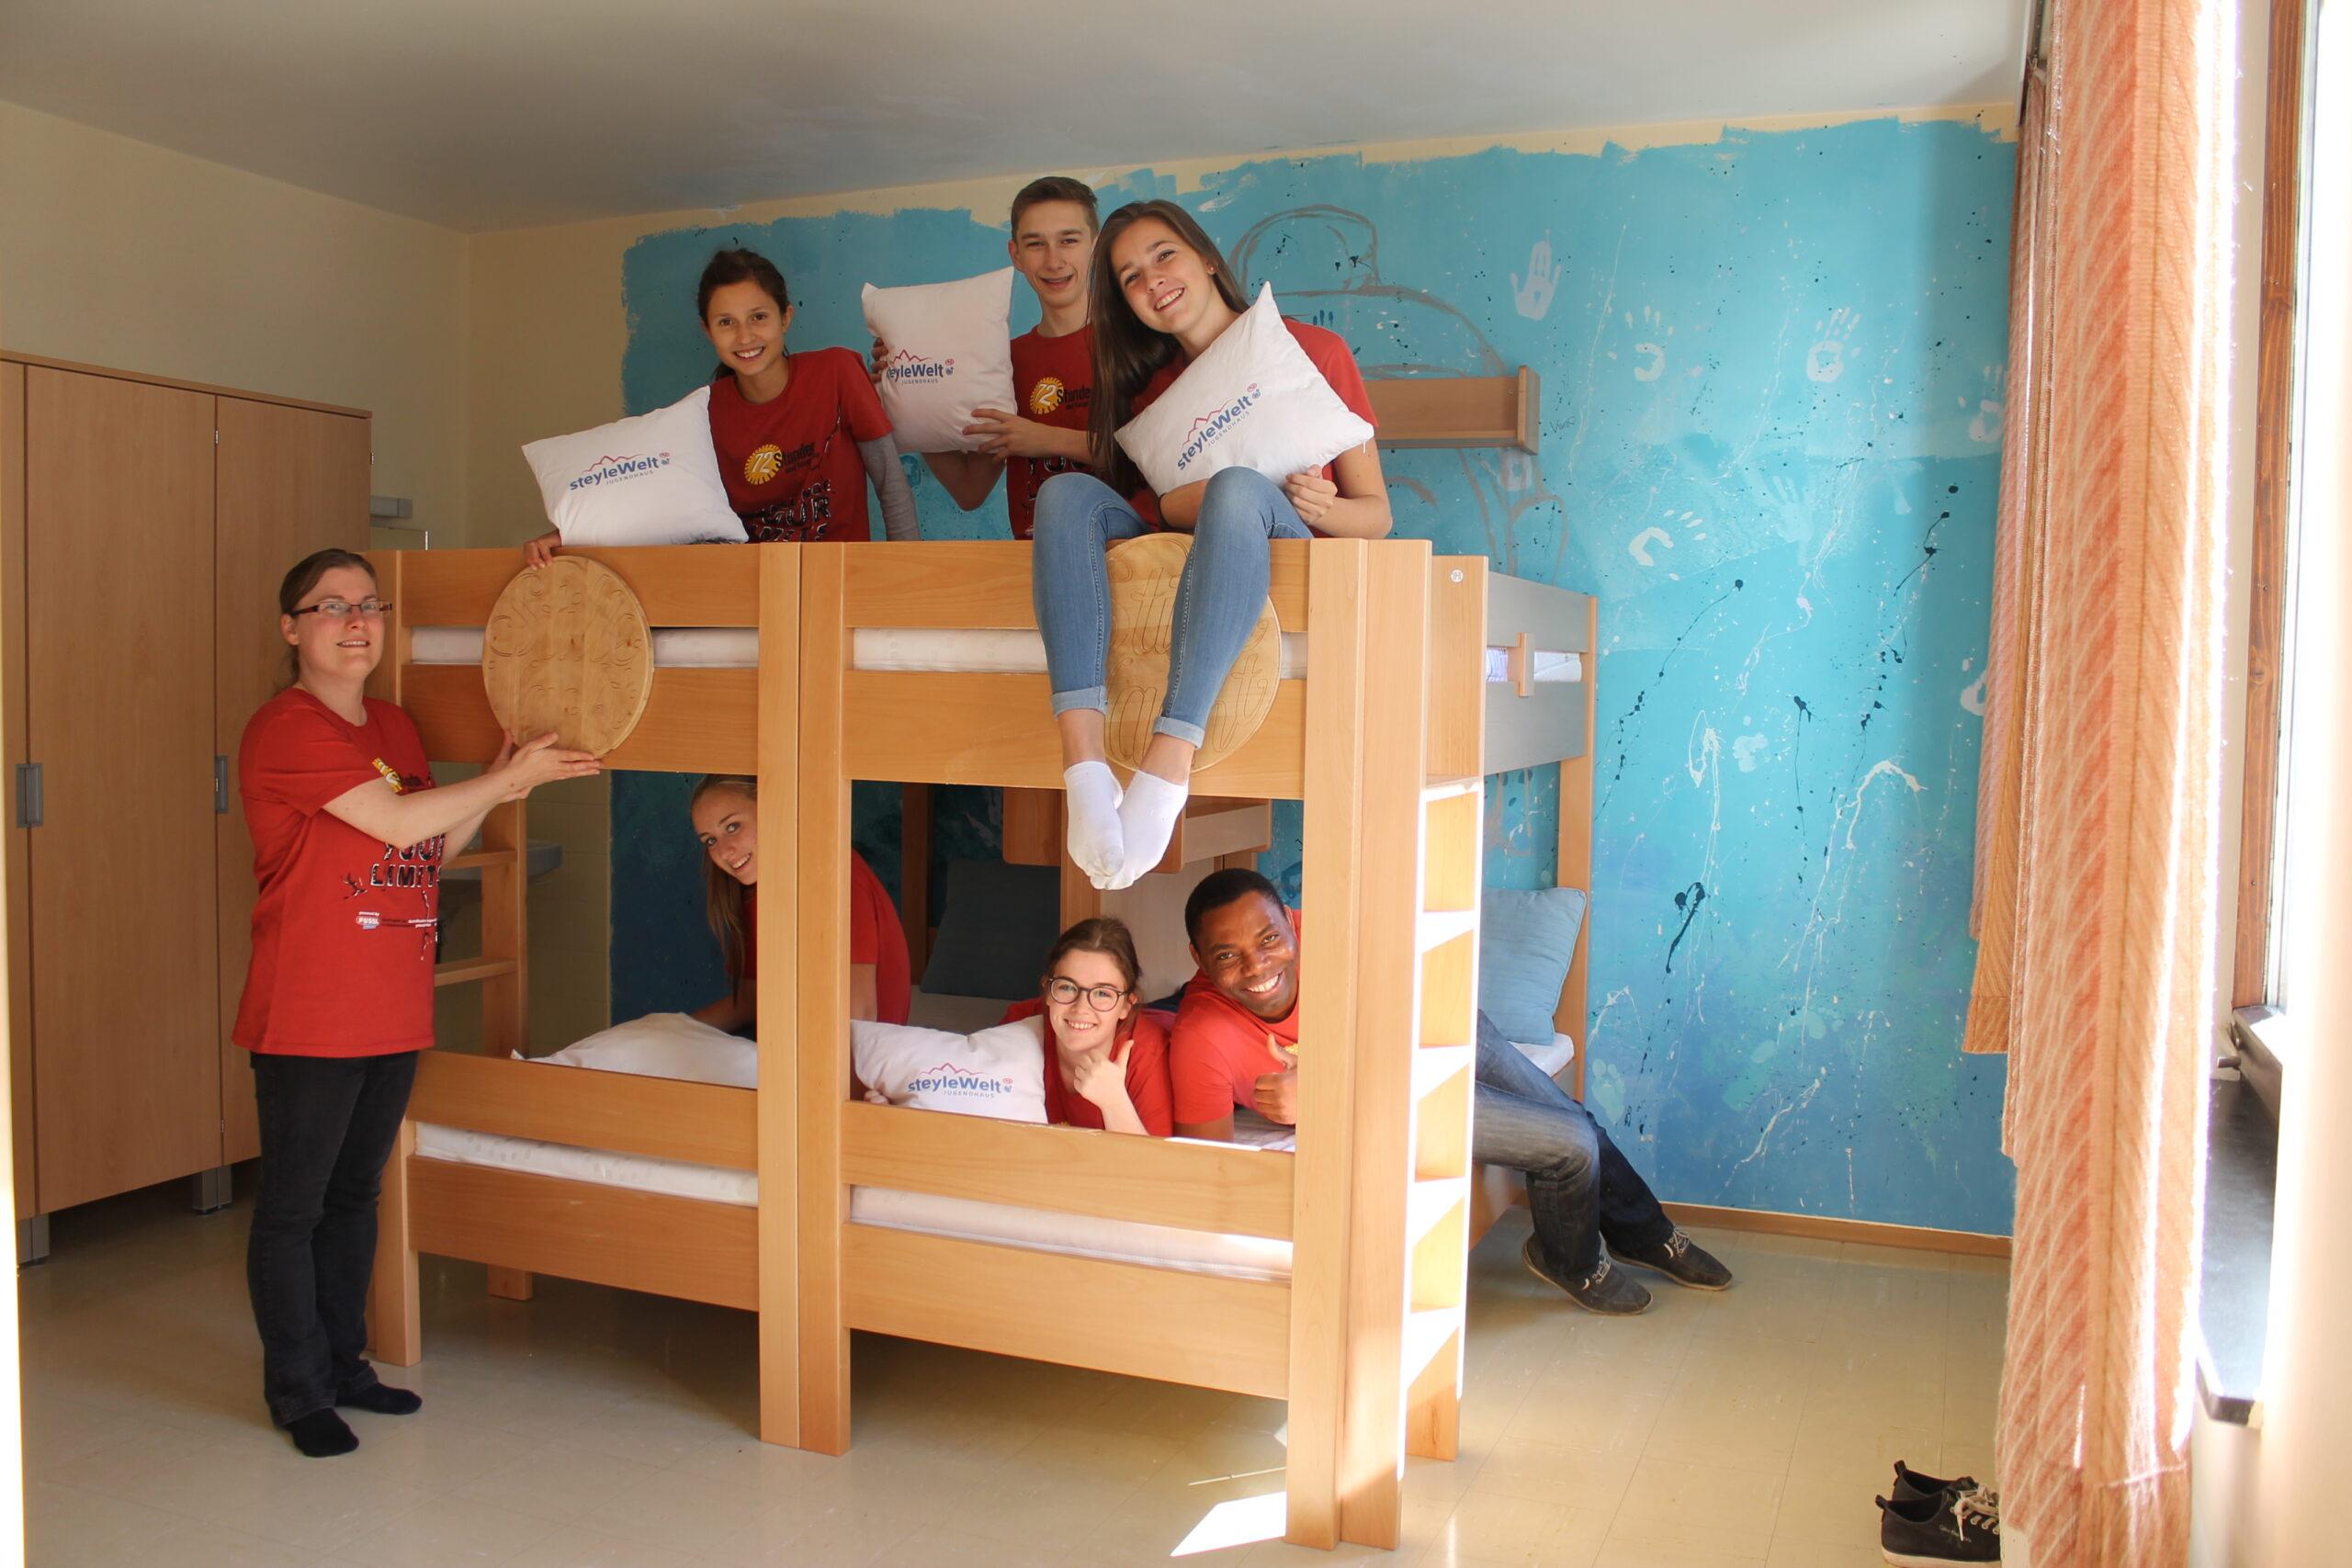 Full Size of Betten Jugend Katholische Salzburgalles Schlft In Neuen Kopfteile Für Bei Ikea Landhausstil Massiv 90x200 Mit Schubladen 180x200 160x200 Ebay Schlafzimmer Wohnzimmer Betten Jugend